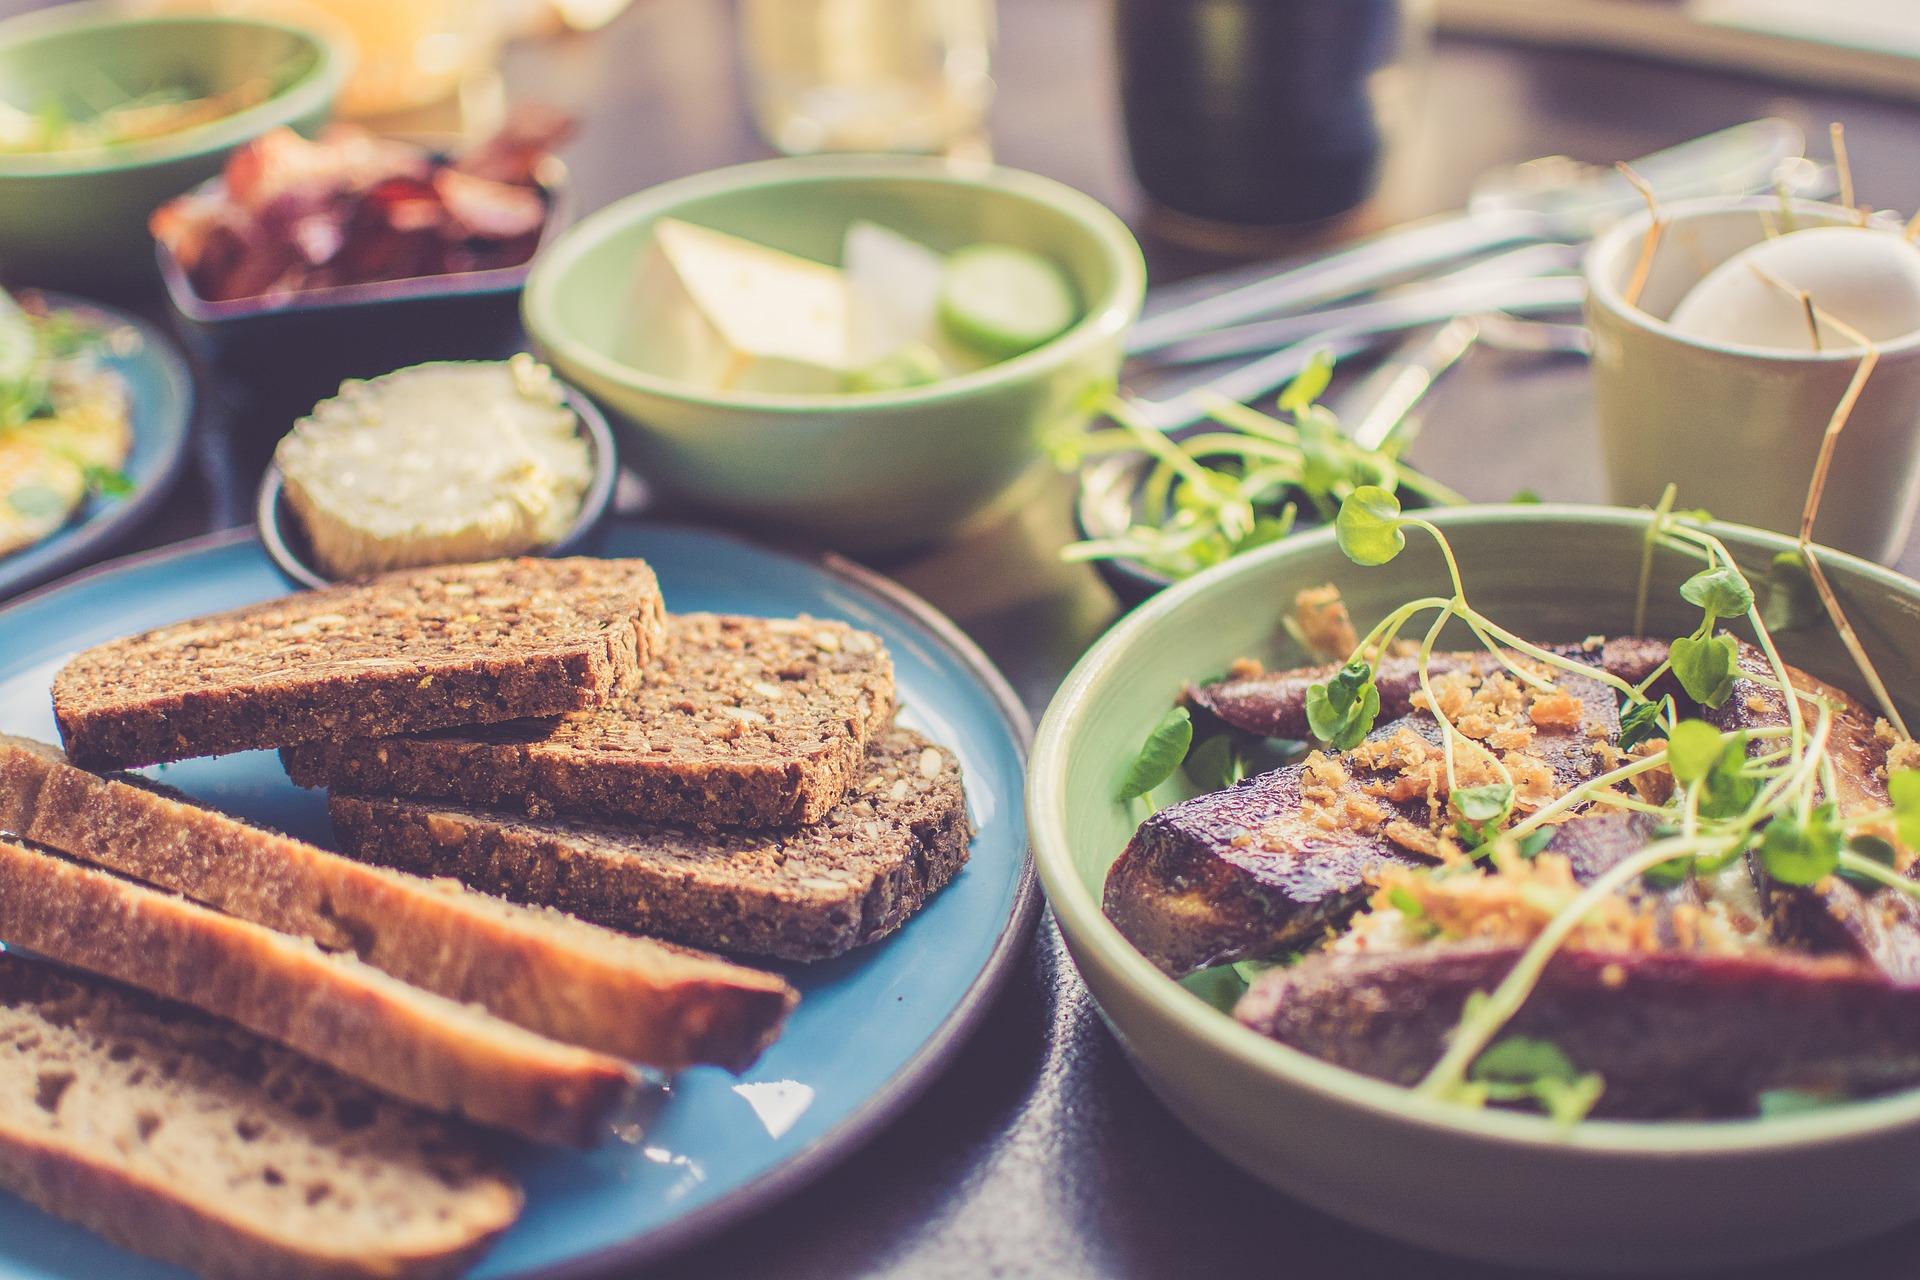 alimentación saludable cambio de hábitos